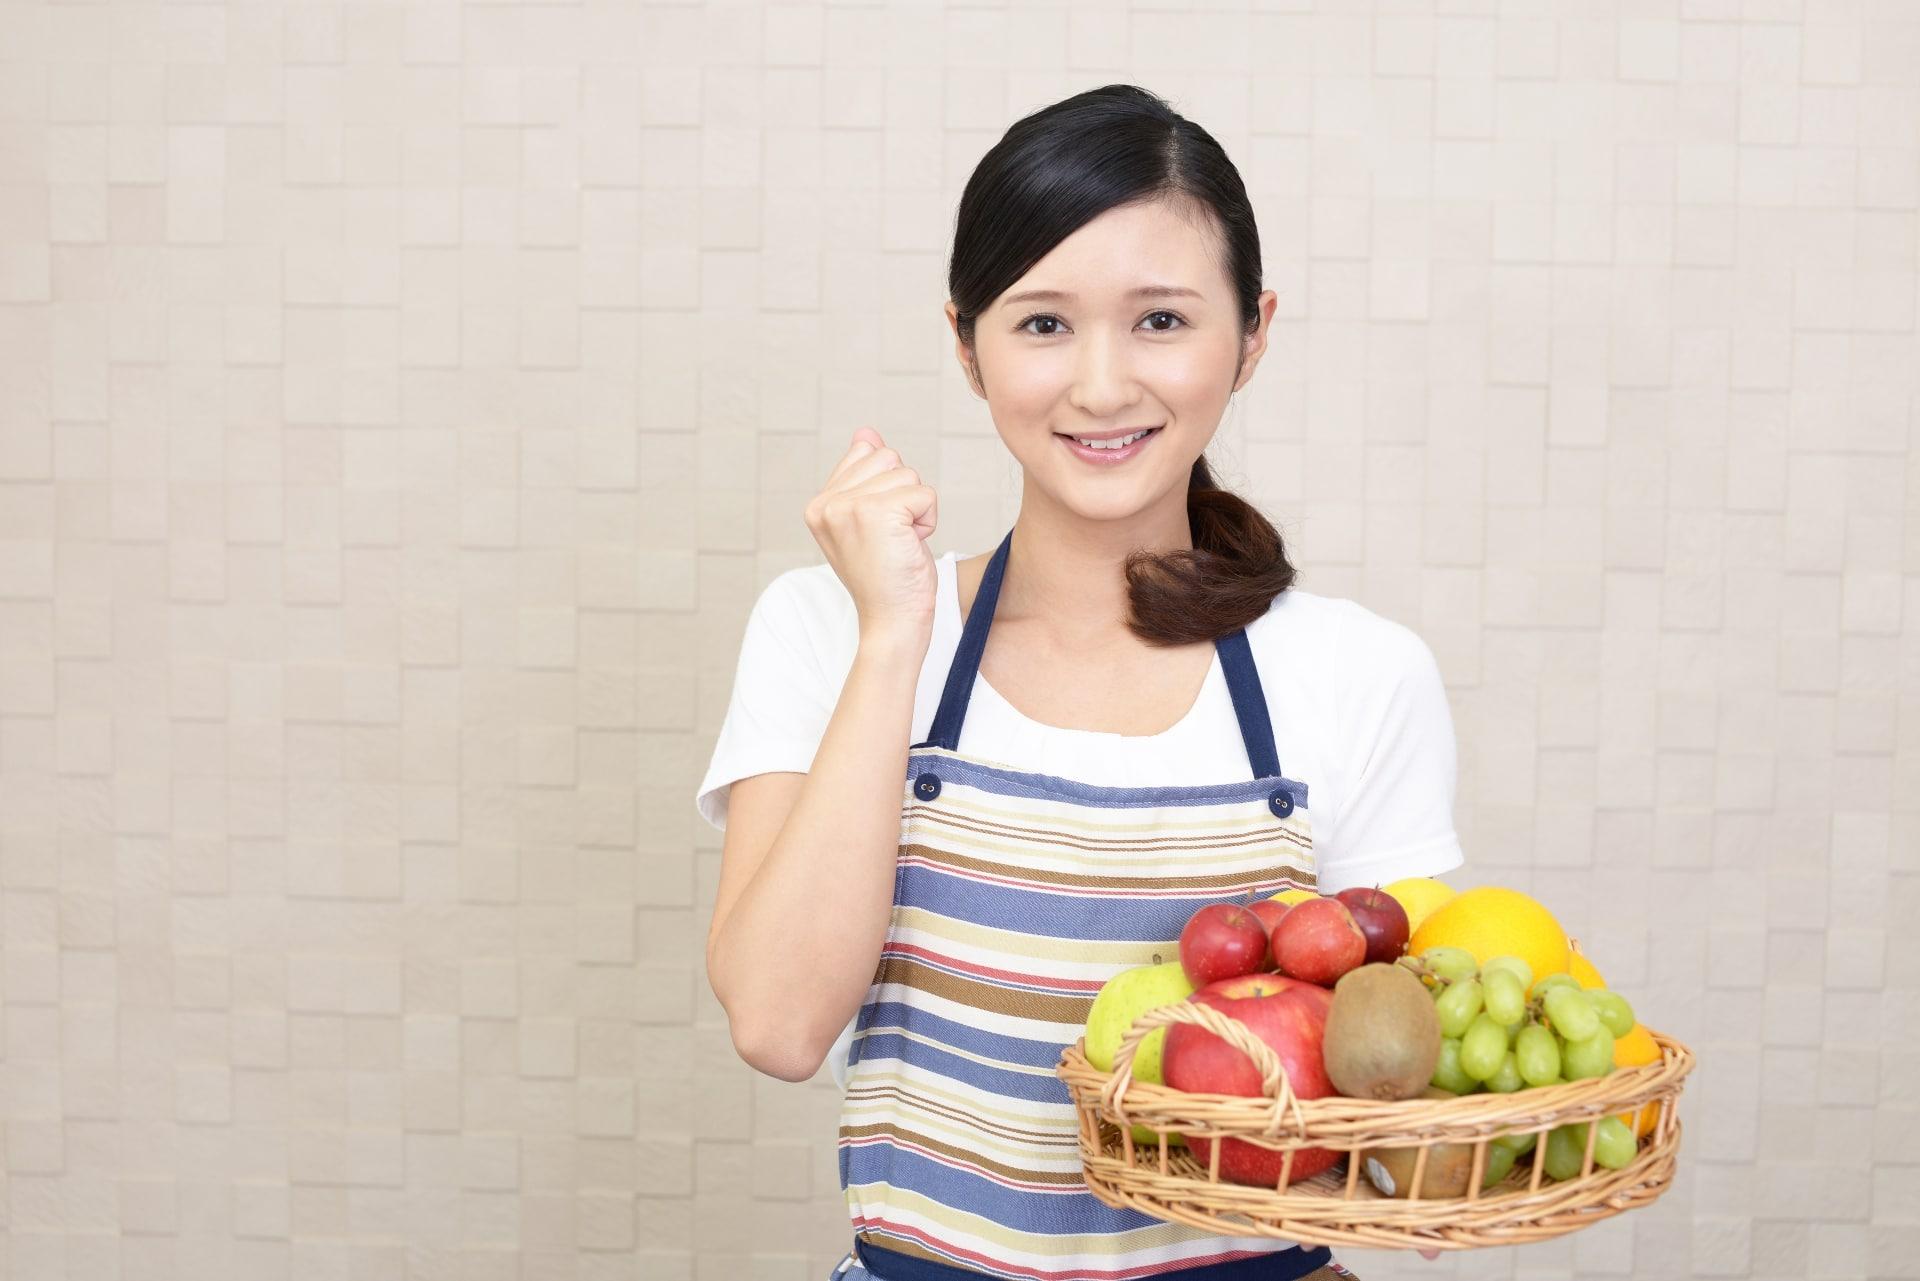 フルーツをもつ女性